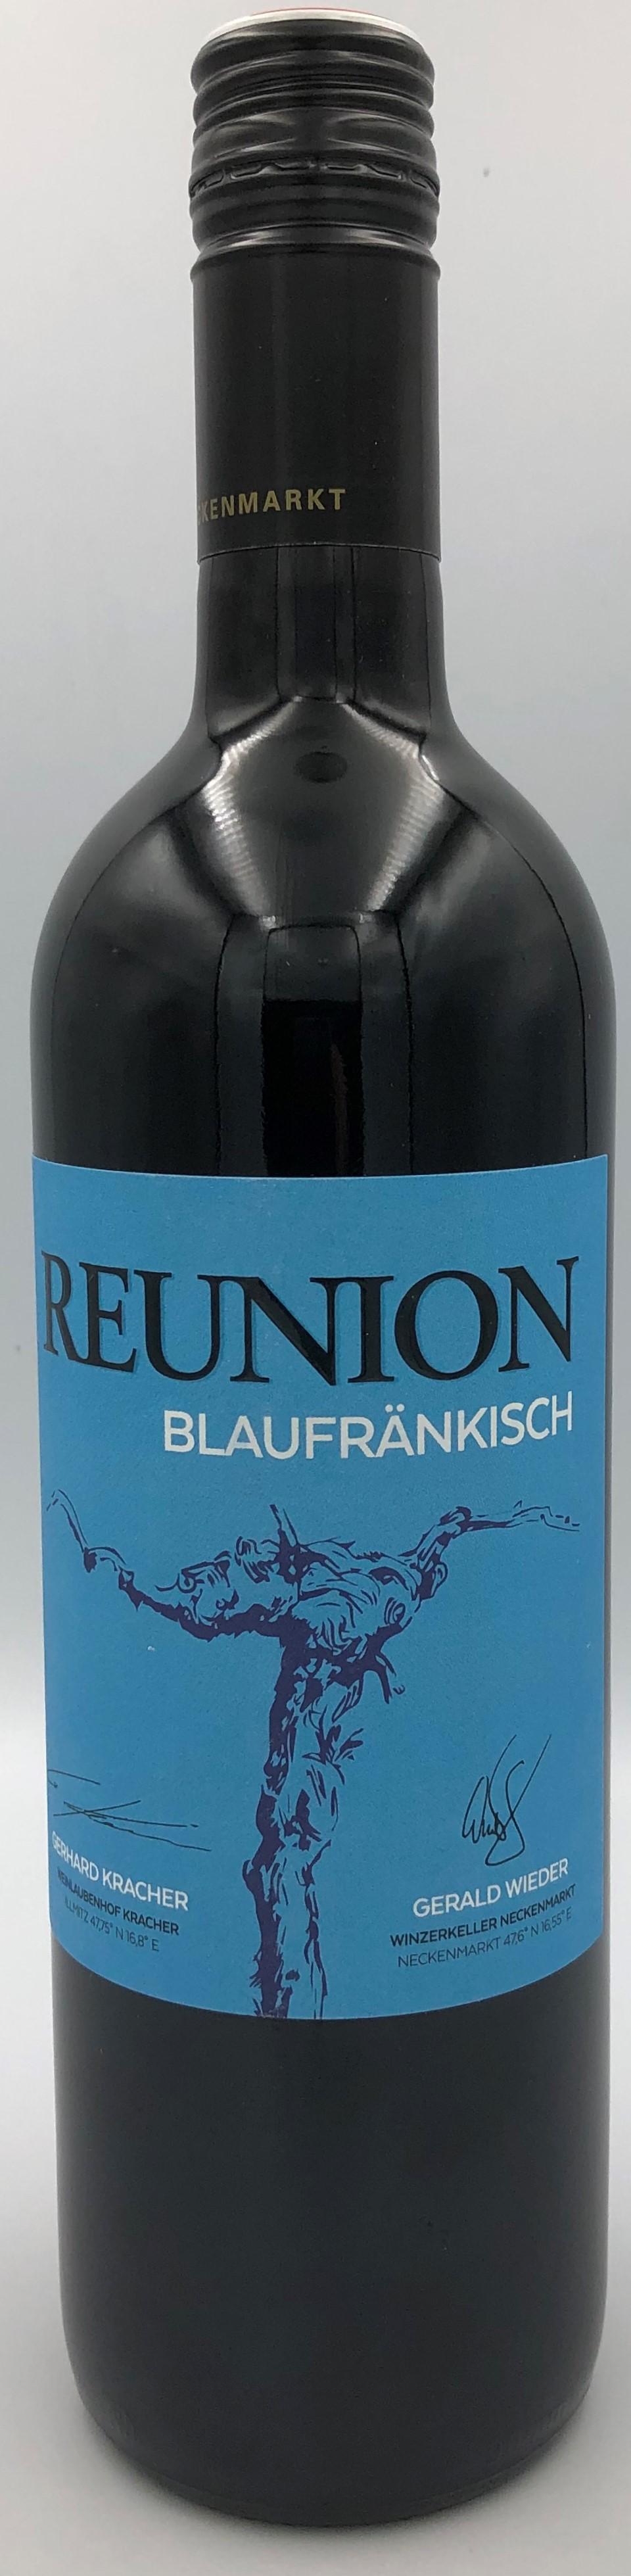 'Reunion' Blaufränkisch